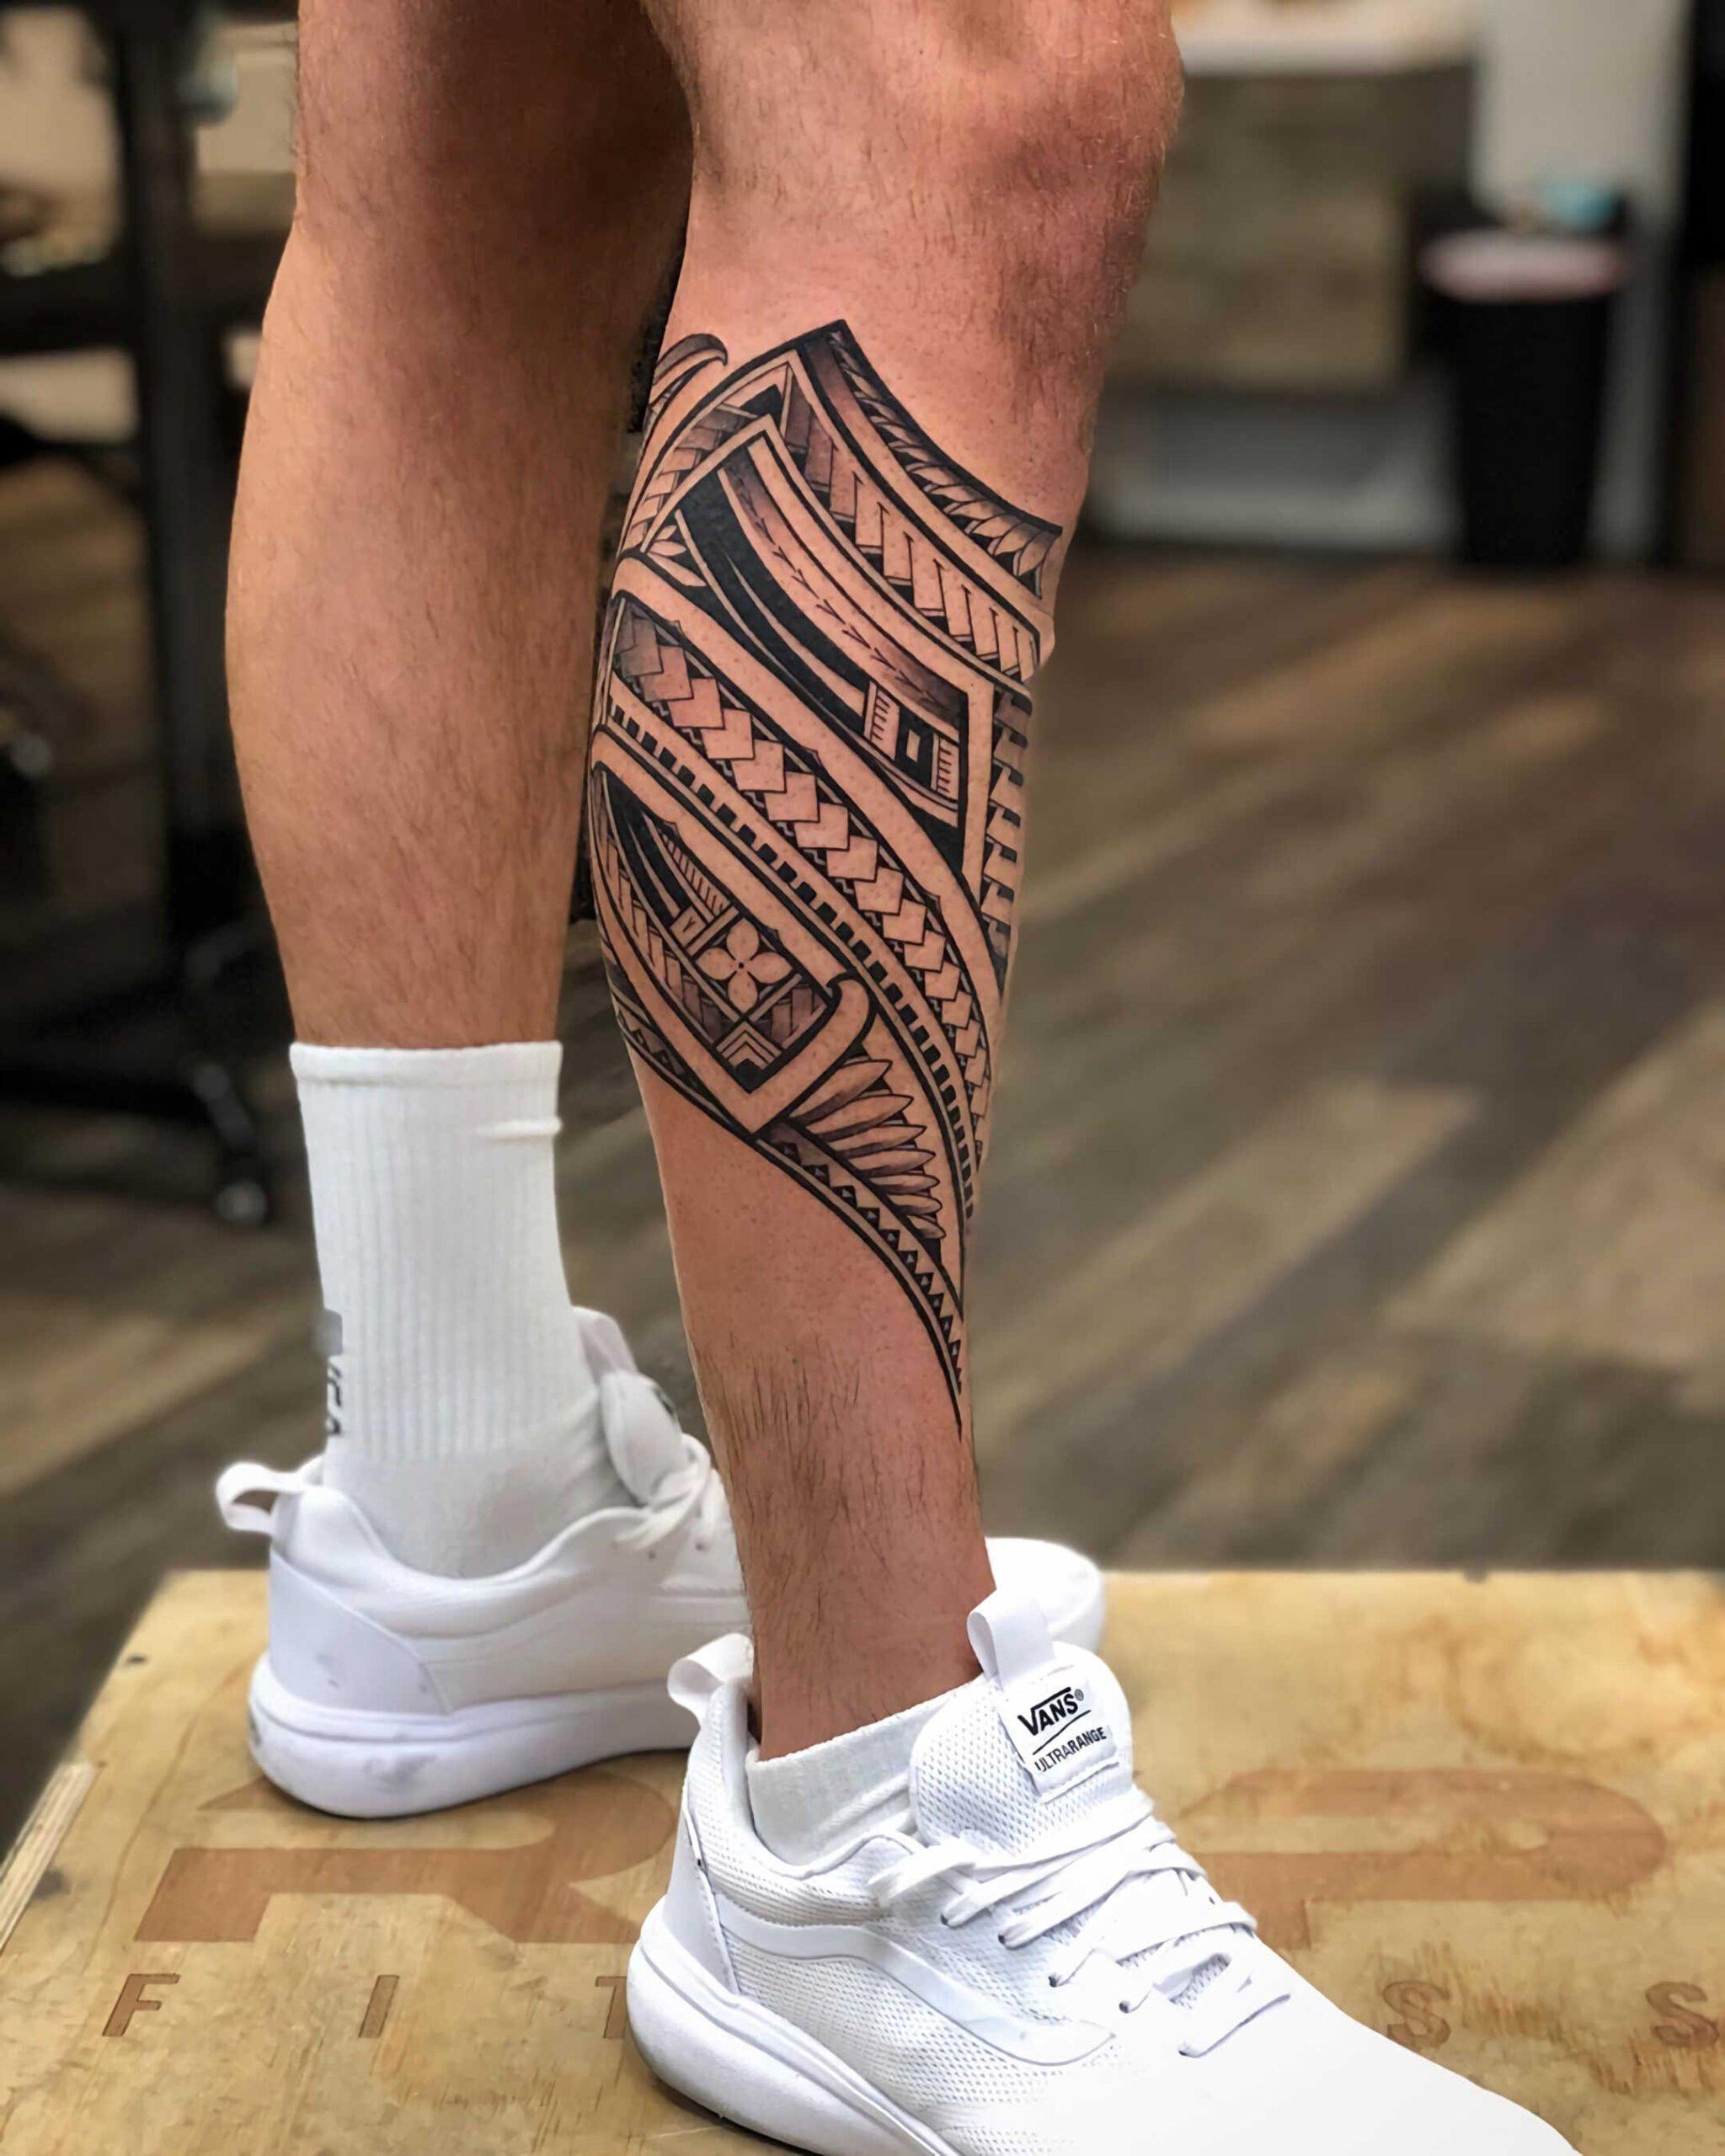 племенная татуировка для парней на ноге